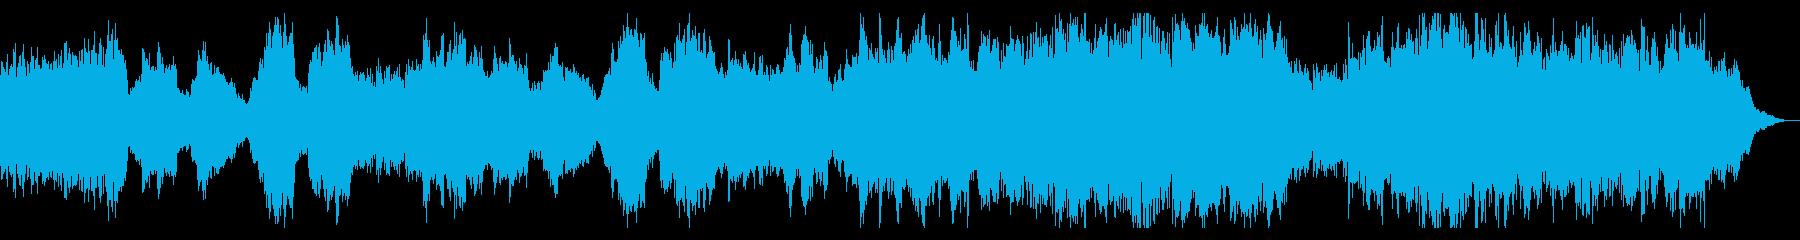 ミステリアスなピアノが特徴的な暗いBGMの再生済みの波形